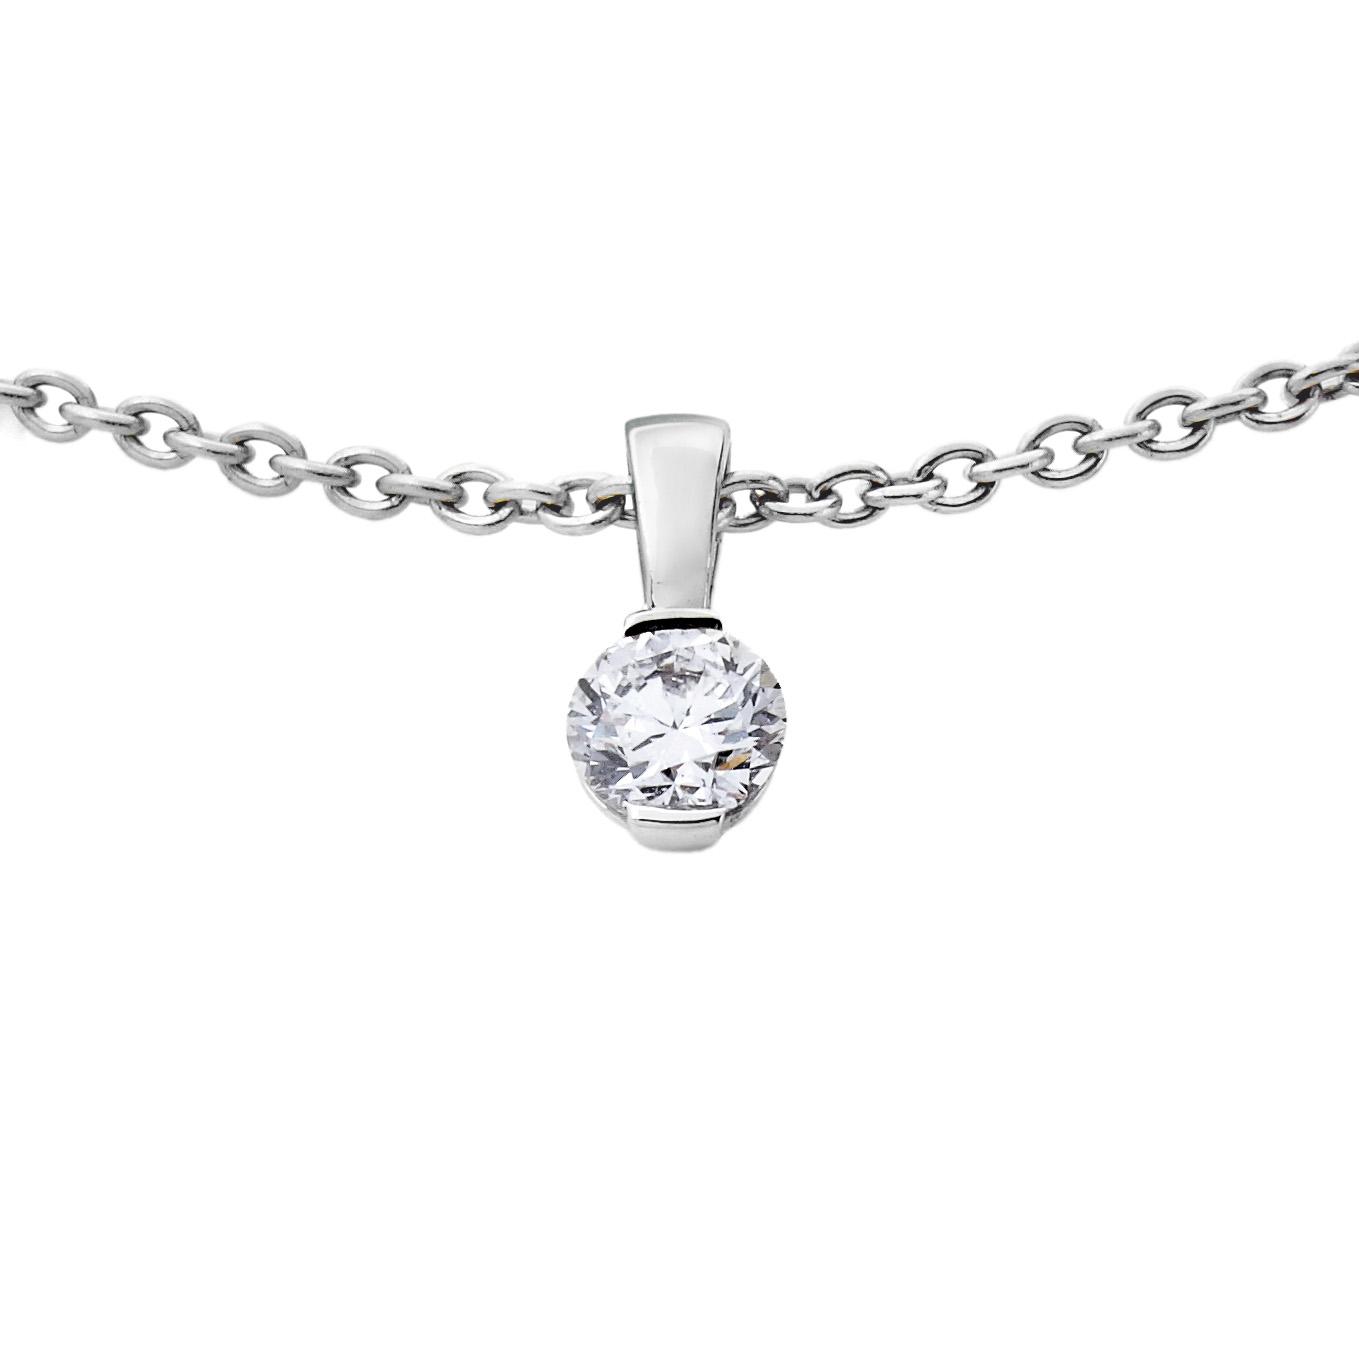 Pendentif Diamants et Or gris sur bélière - Pascal IZERN